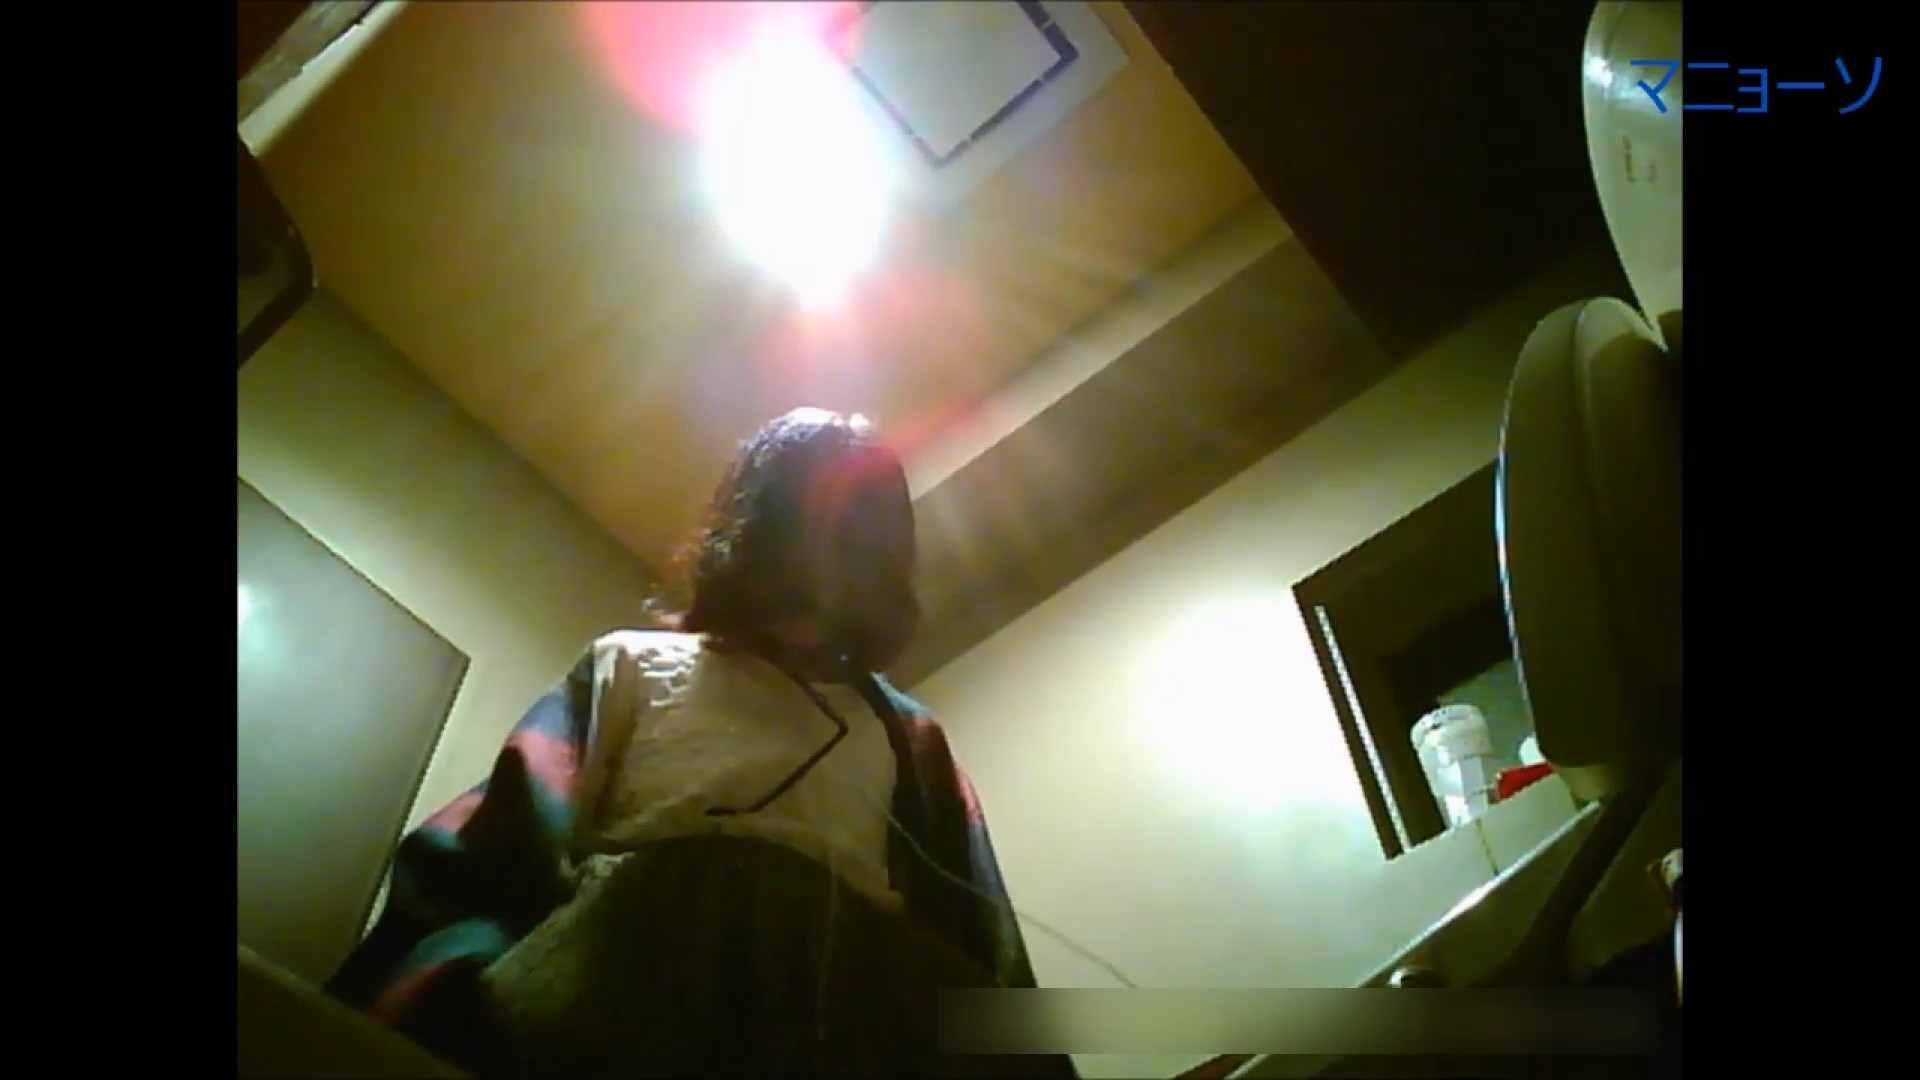 トイレでひと肌脱いでもらいました (JD編)Vol.01 OL  93pic 40